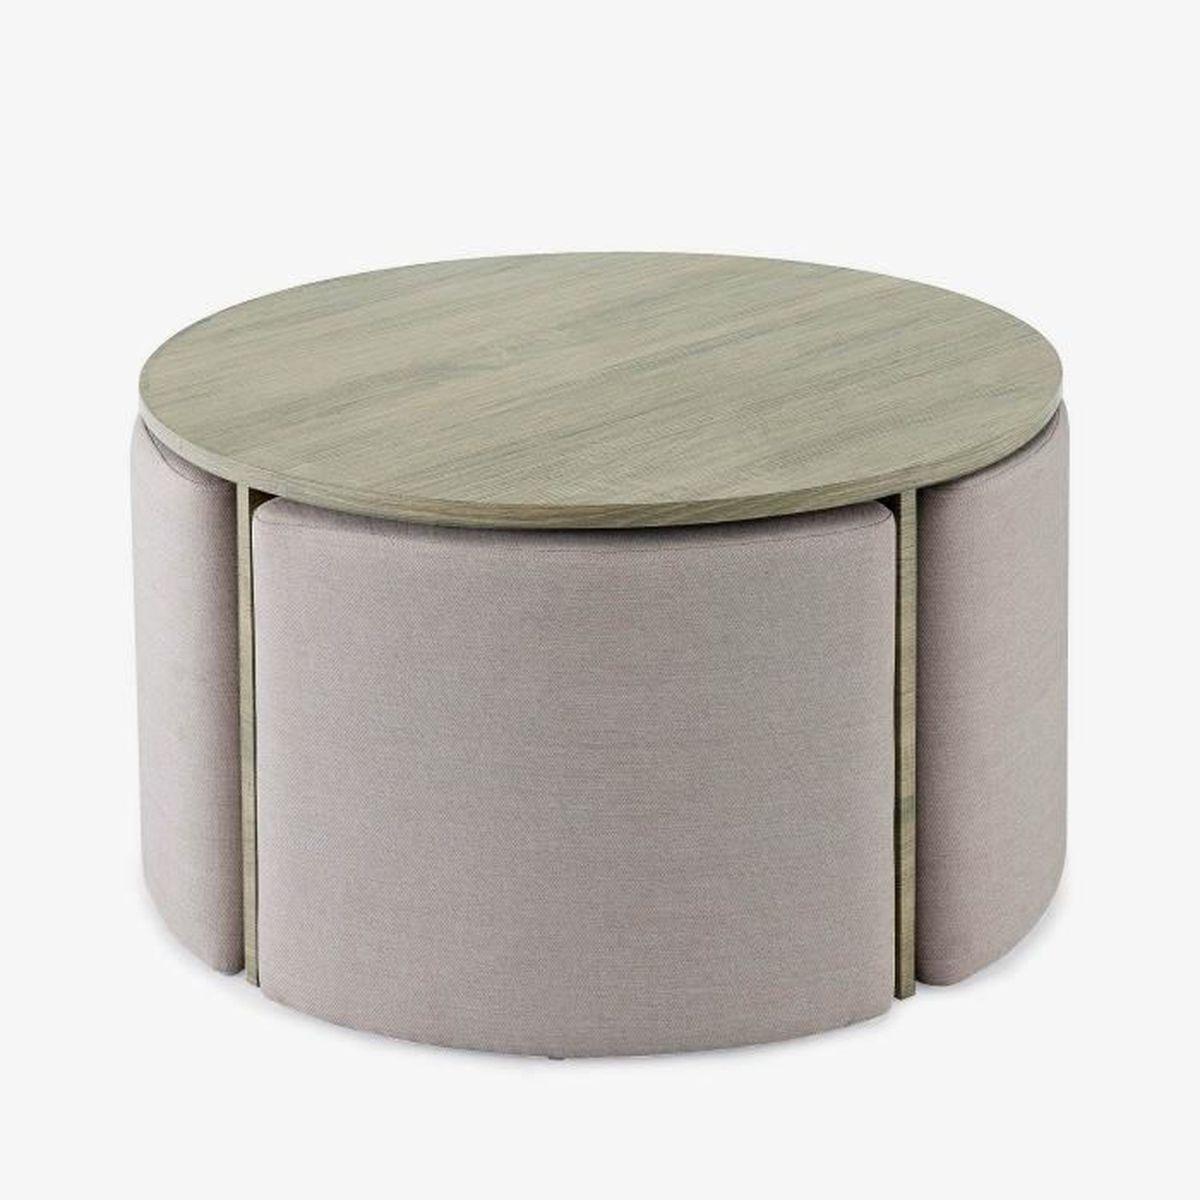 Table Basse Ronde En Bois Et 4 Poufs Bonnie Achat Vente Table Basse Table Basse Ronde En Bois E Cdiscount